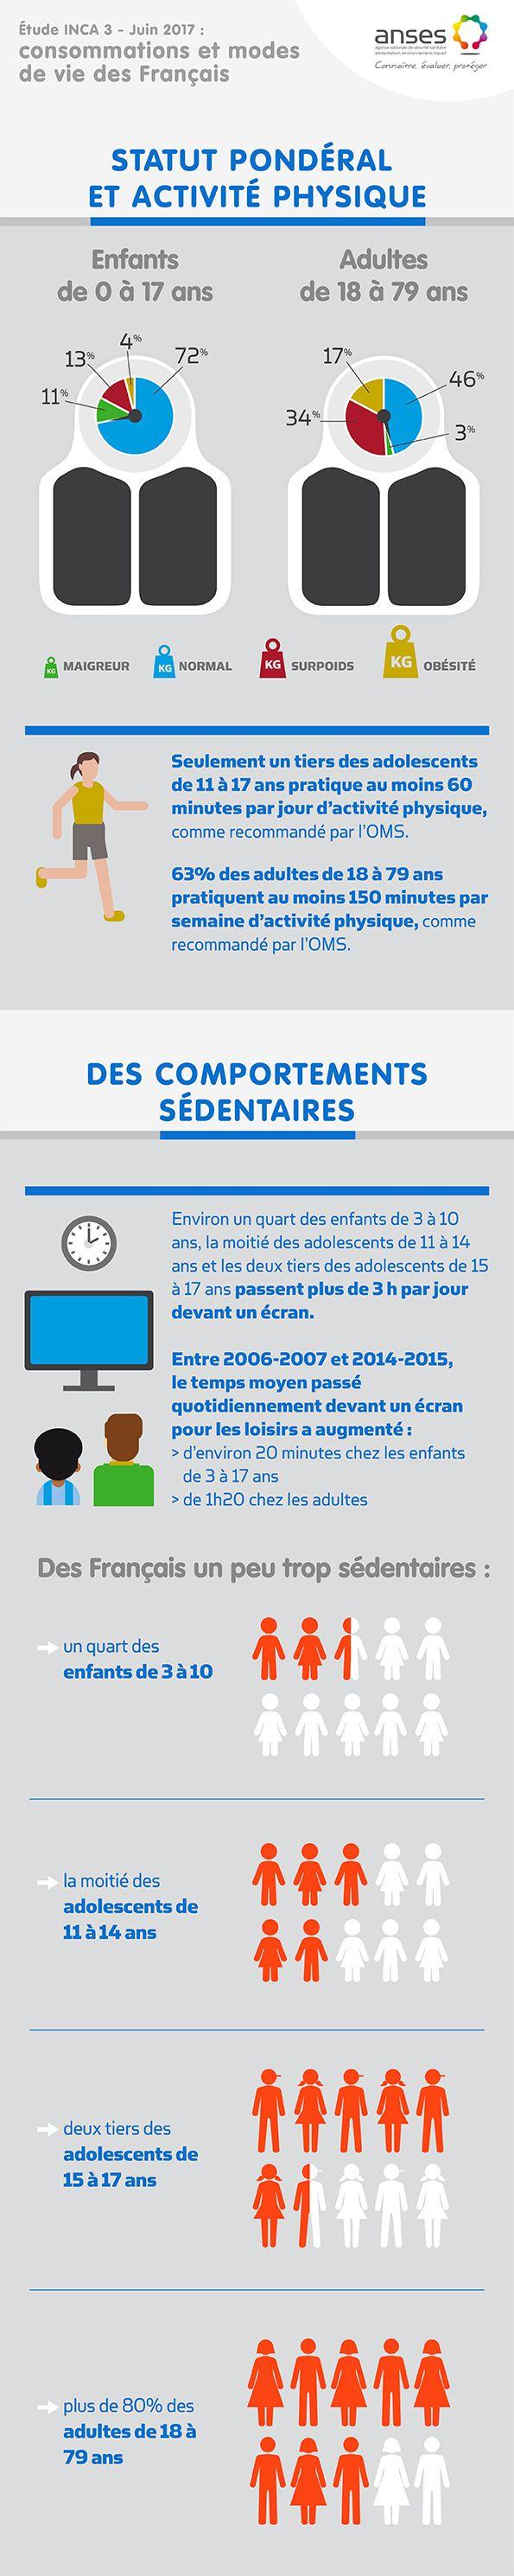 INCA 3 en image - Les Français, l'activité physique et la sédentarité | Anses - Agence nationale de sécurité sanitaire de l'alimentation, de l'environnement et du travail